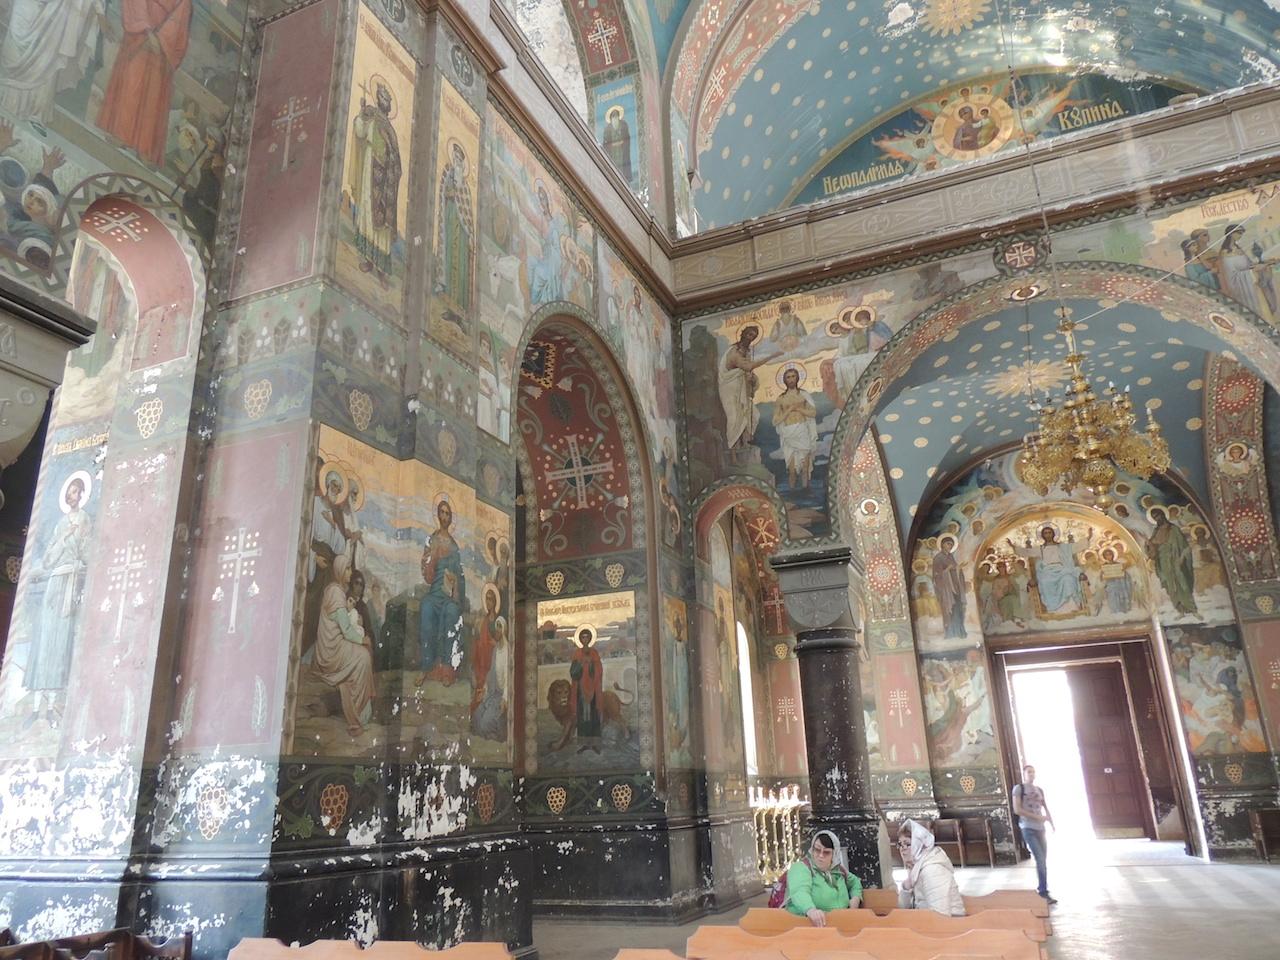 Абхазия Новоафонский монастырь Храм 14 марта 2015 г., 15-49.JPG